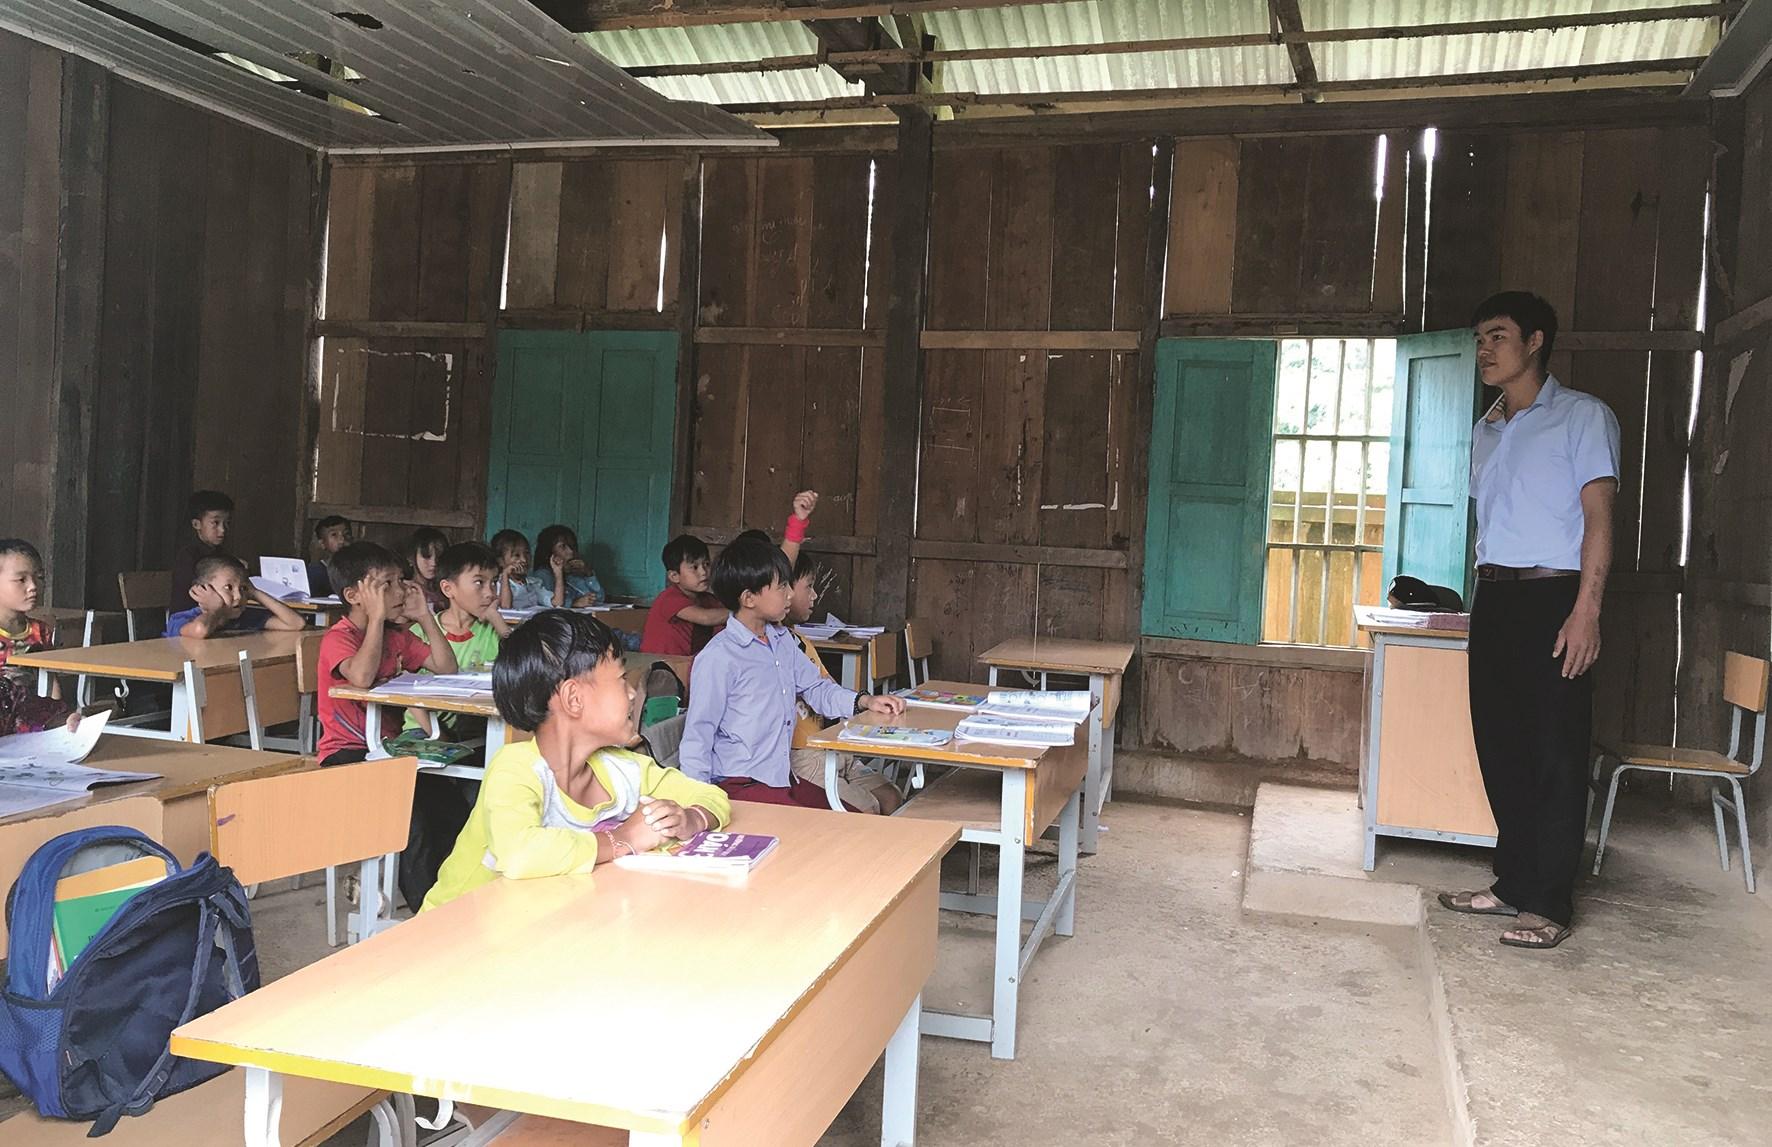 Một lớp học trong Trường Phổ thông dân tộc bán trú Tiểu học Chung Chải số 2, xã Chung Chải.